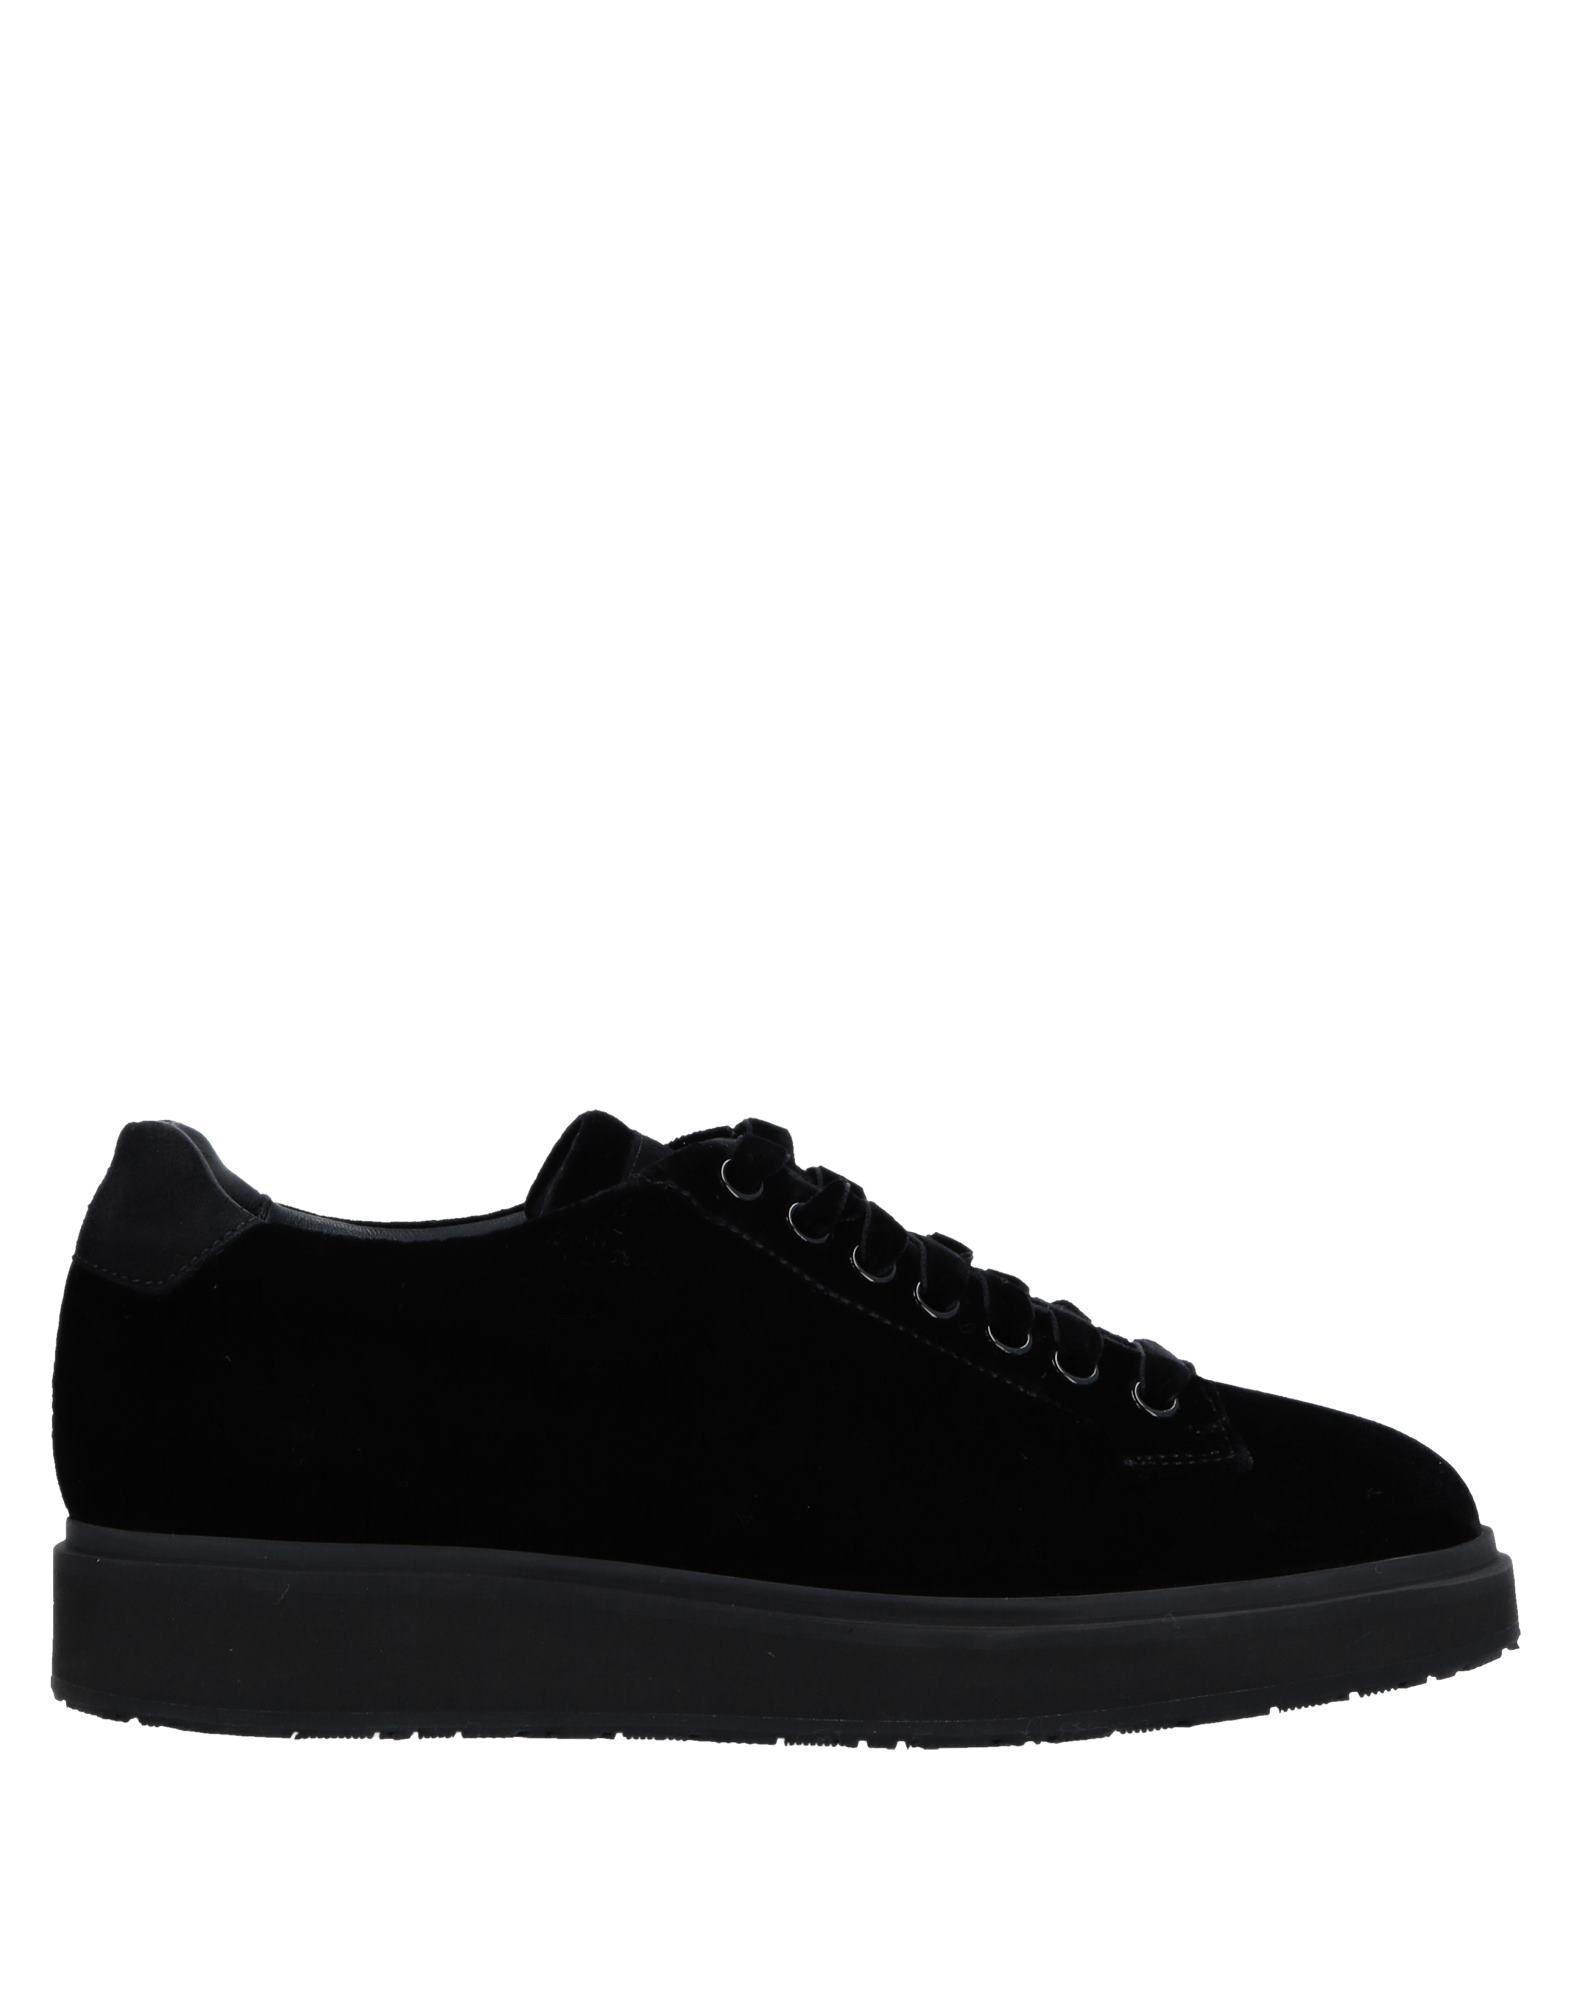 Sneakers Santoni Donna - 11539708HN Scarpe economiche e buone